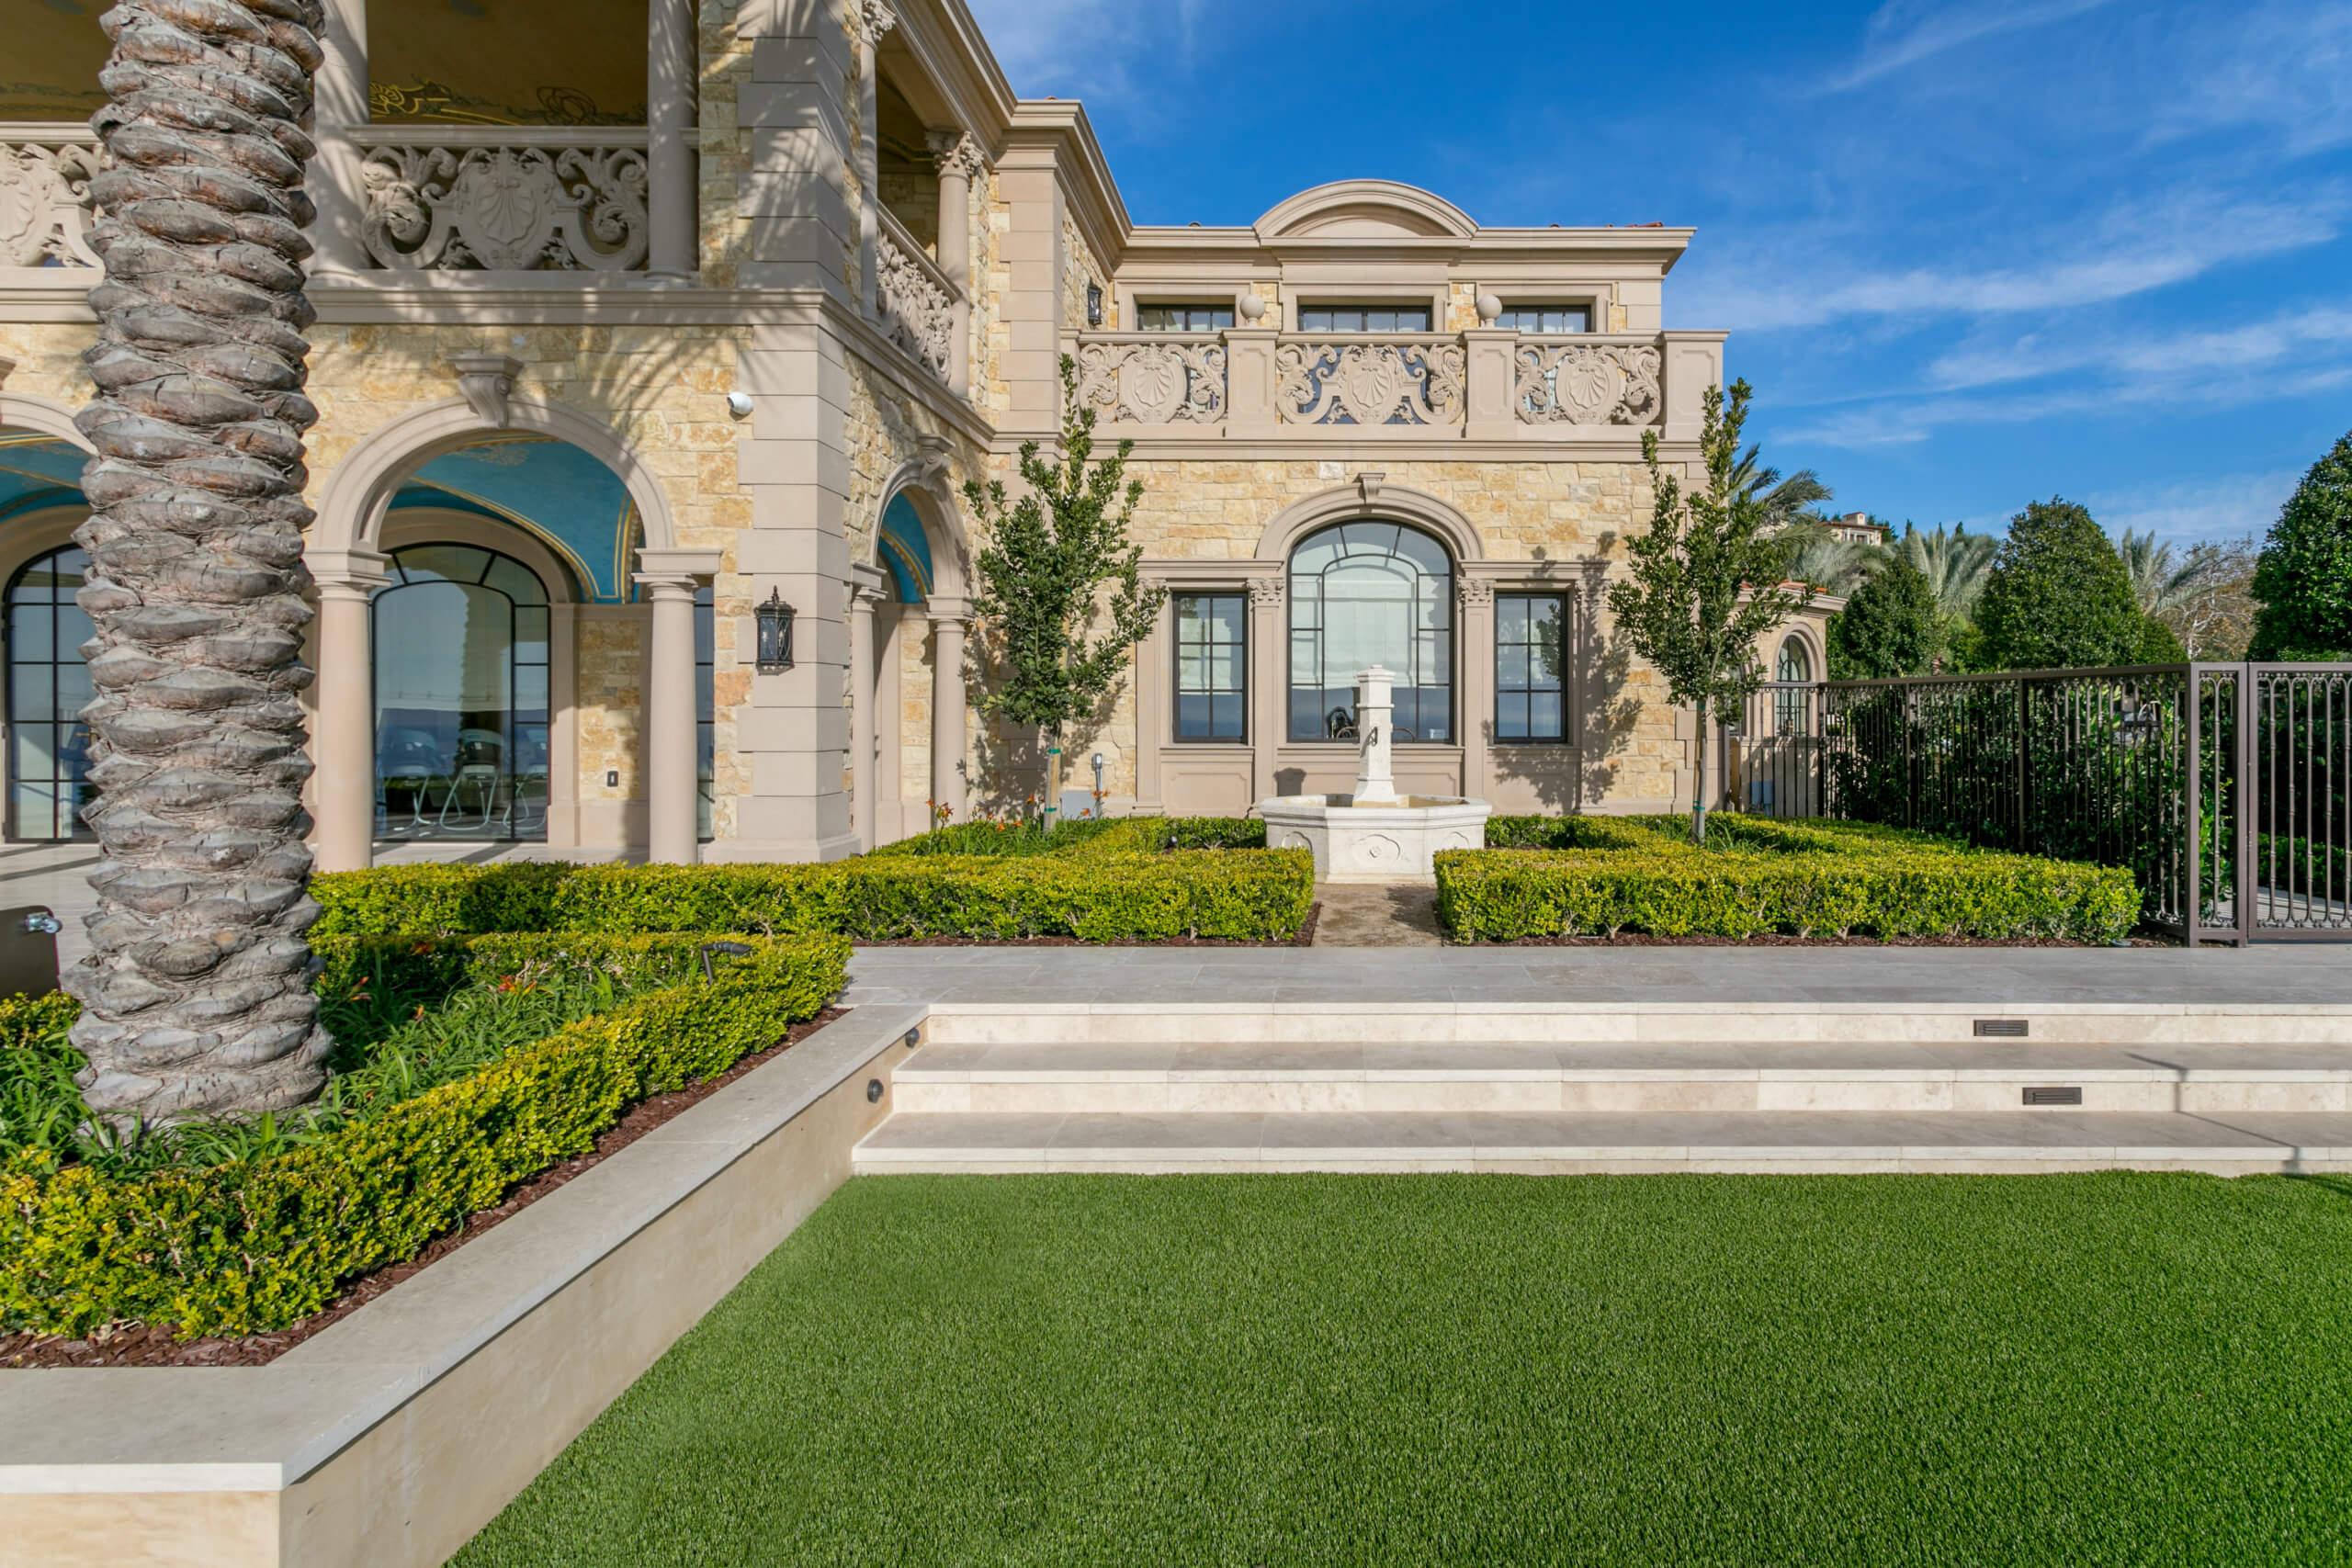 Villa de Hermosa 4